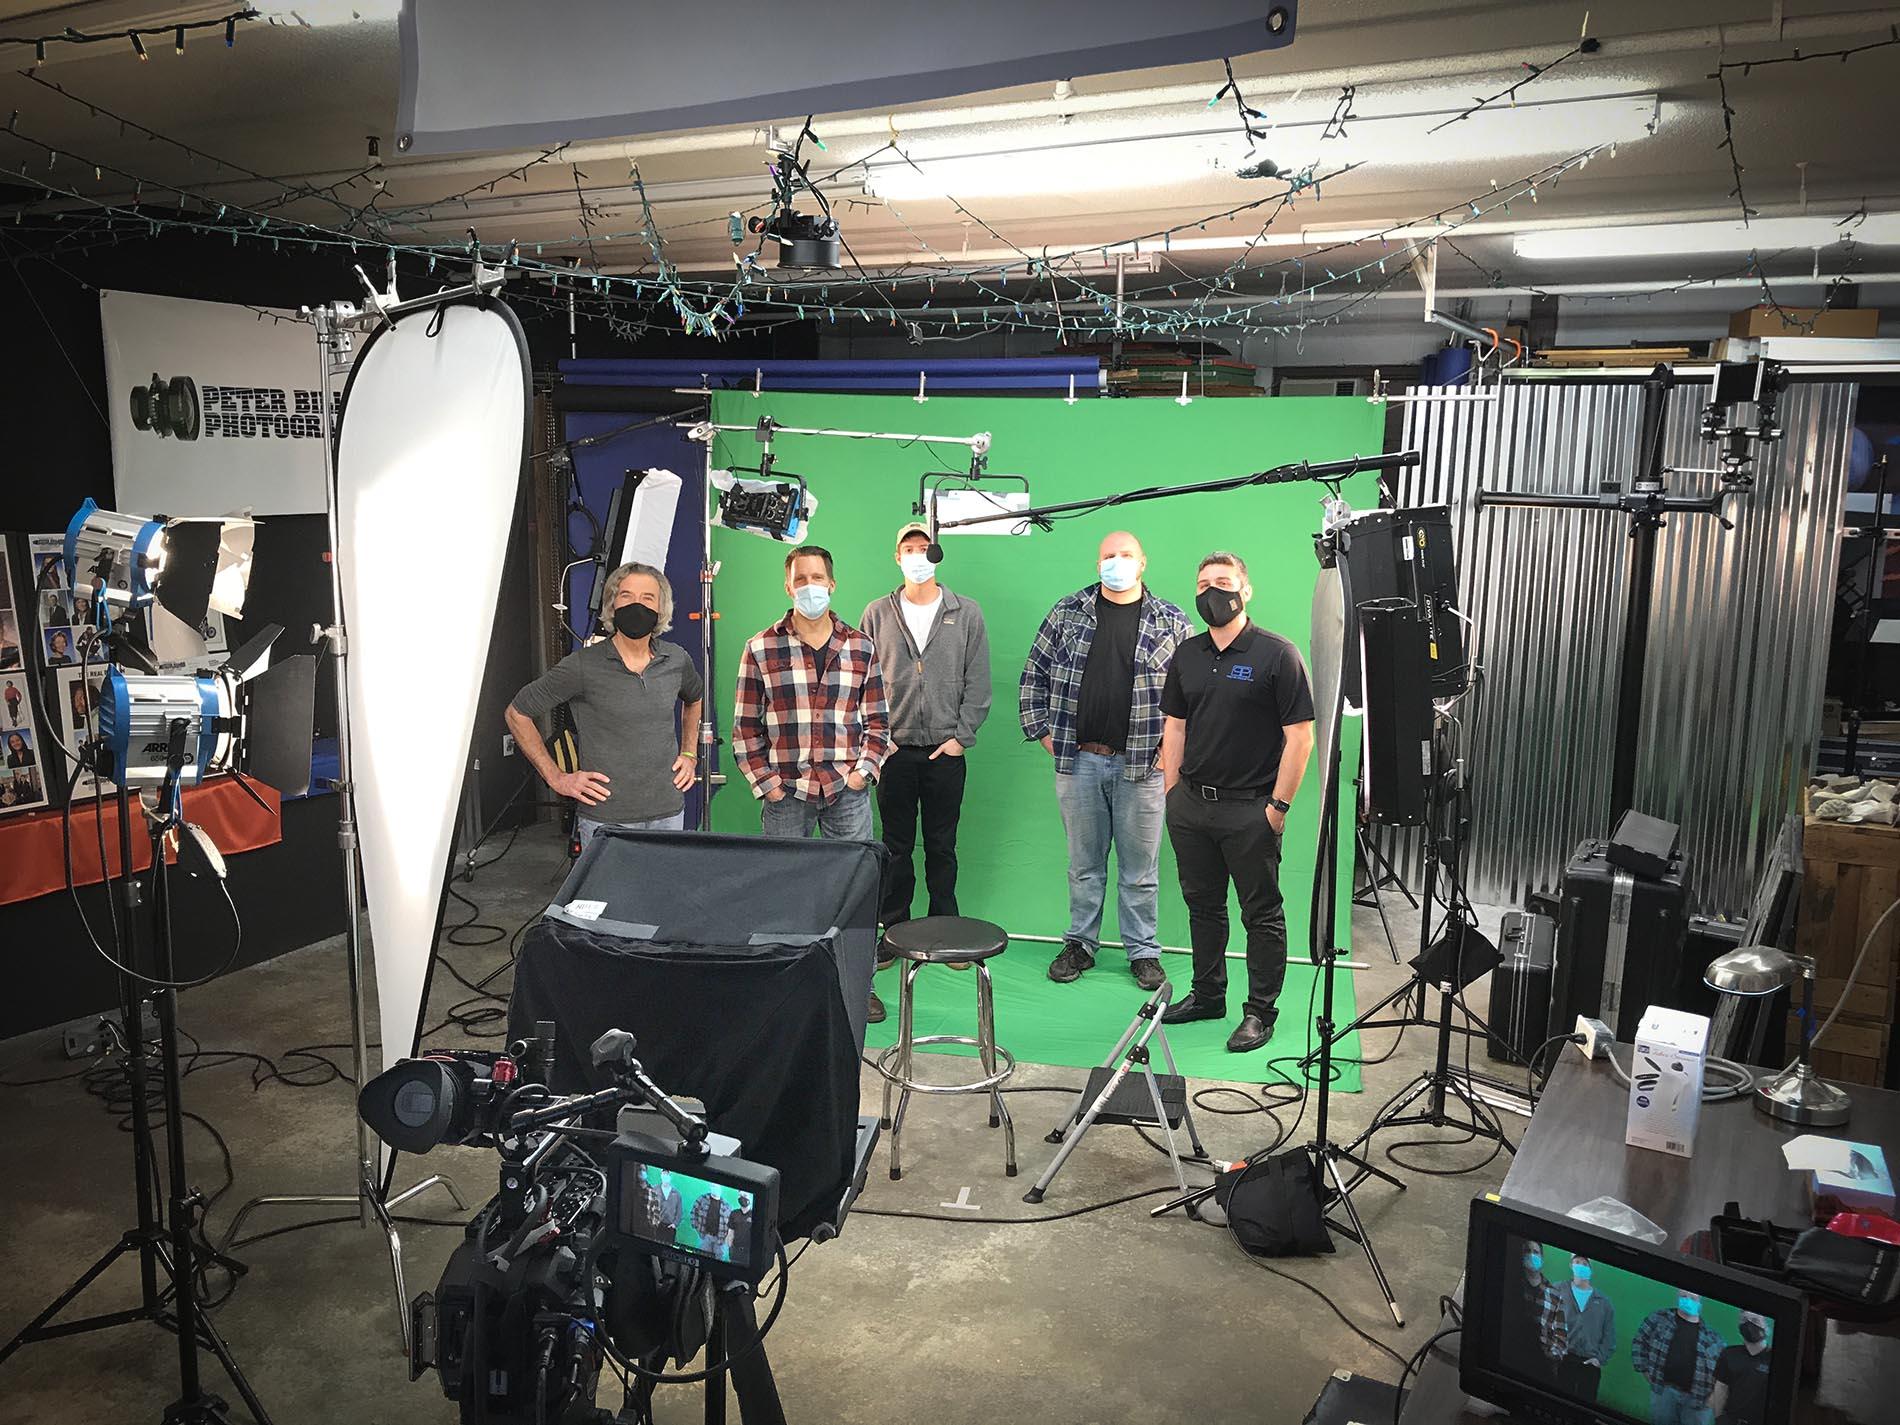 Studio behind the scenes video shoot